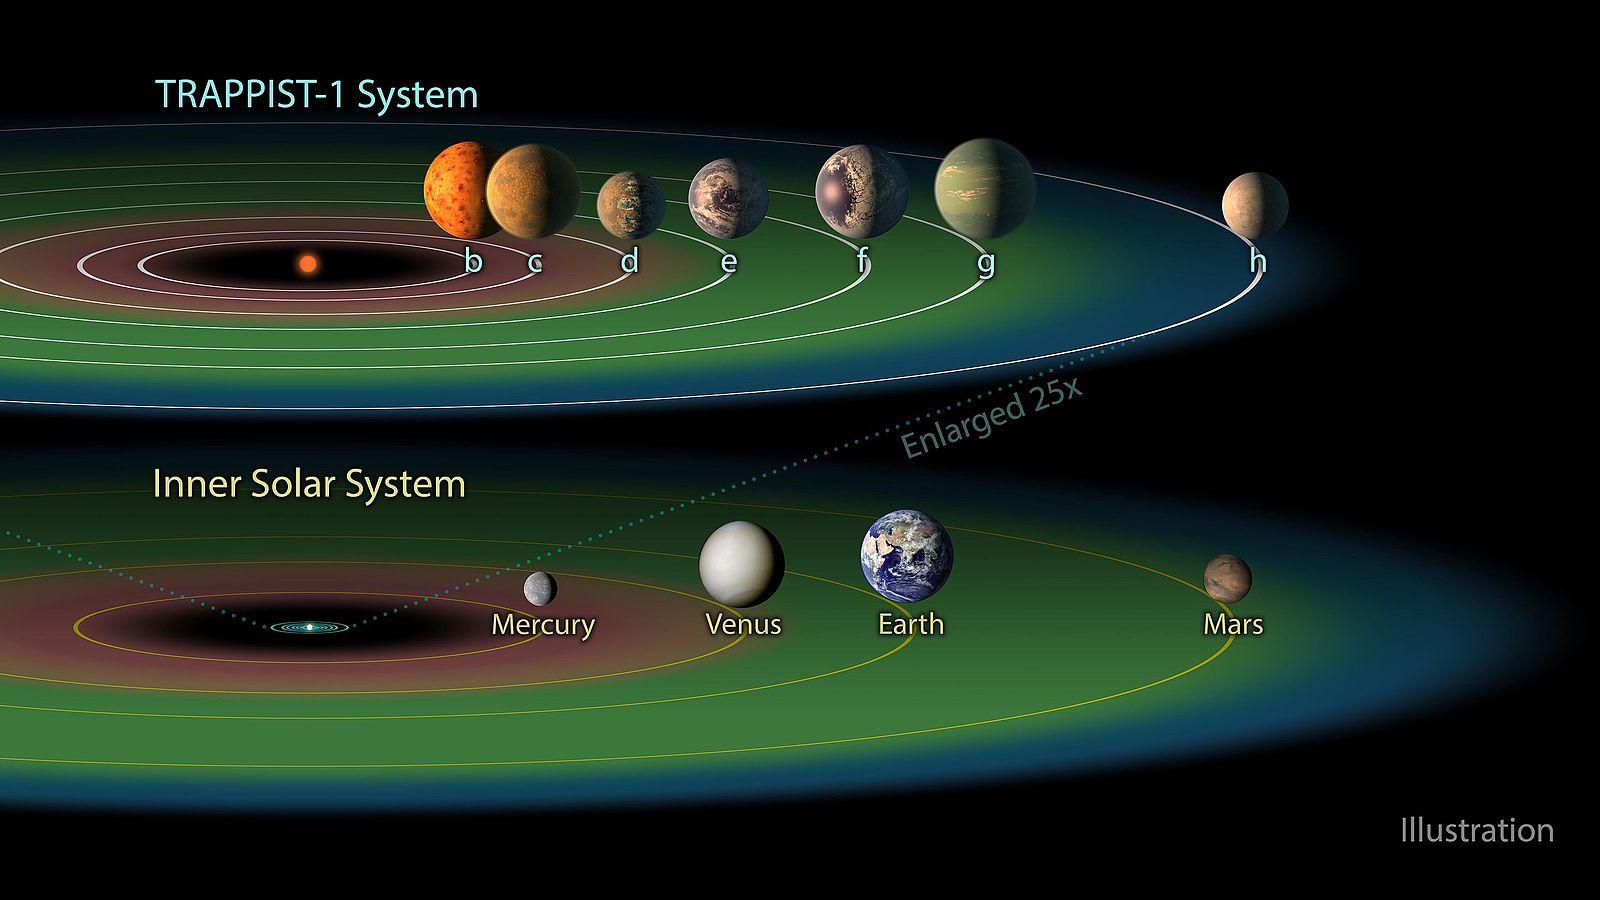 Обитаемая зона системы TRAPPIST-1 (выделена зелёным), в сравнении с аналогичной температурной зоной солнечной системы. Гипотетически инопланетной жизни